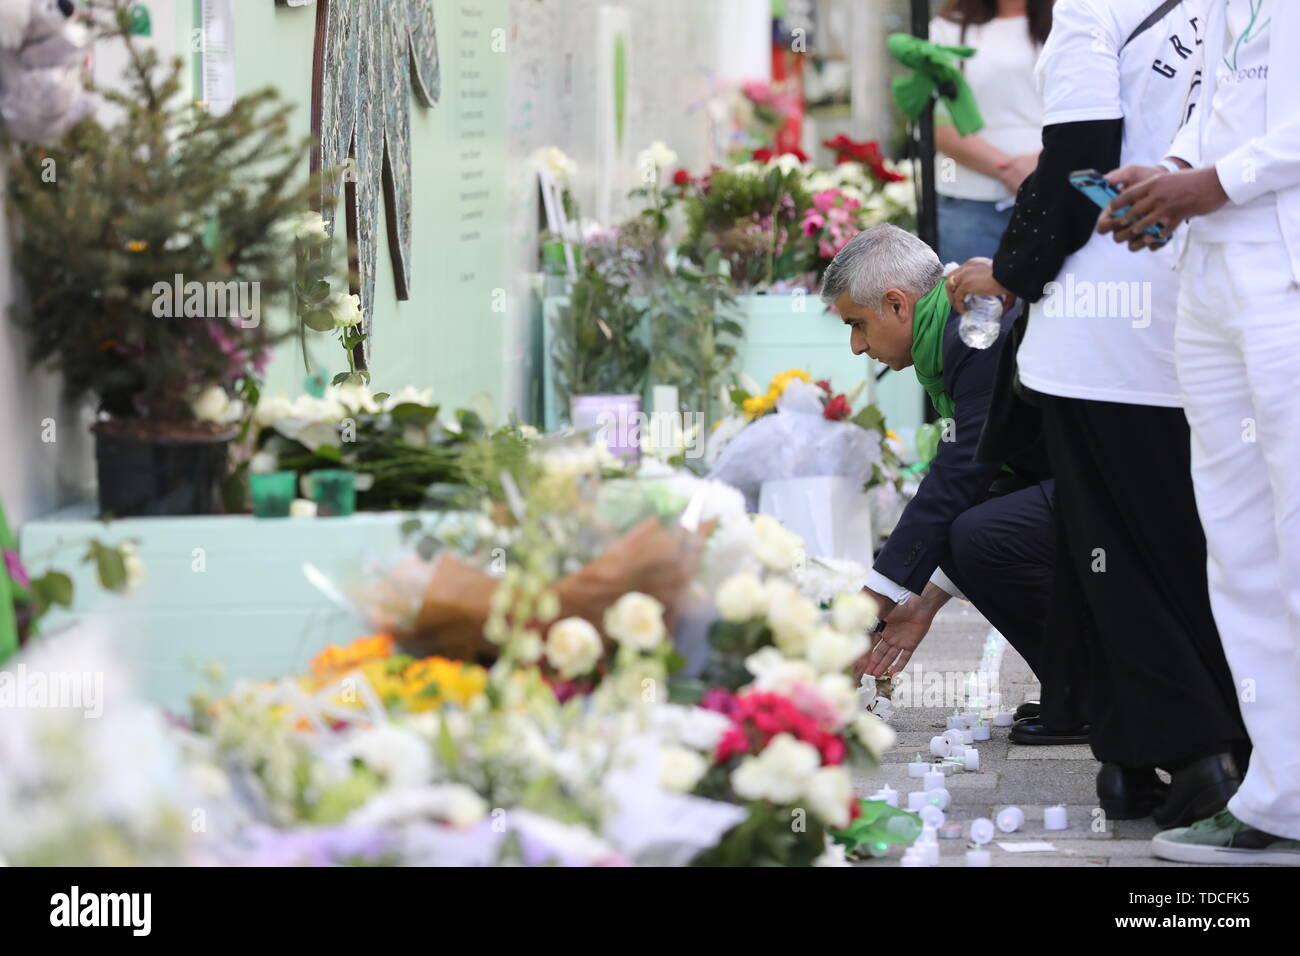 Bürgermeister von London Sadiq Kahn legt einen Kranz außerhalb Grenfell Tower, London, anlässlich des 2-jährigen Jubiläums des Hochhauses Brand in Erinnerung an die 72 Menschen, die ihr Leben verloren. Stockbild